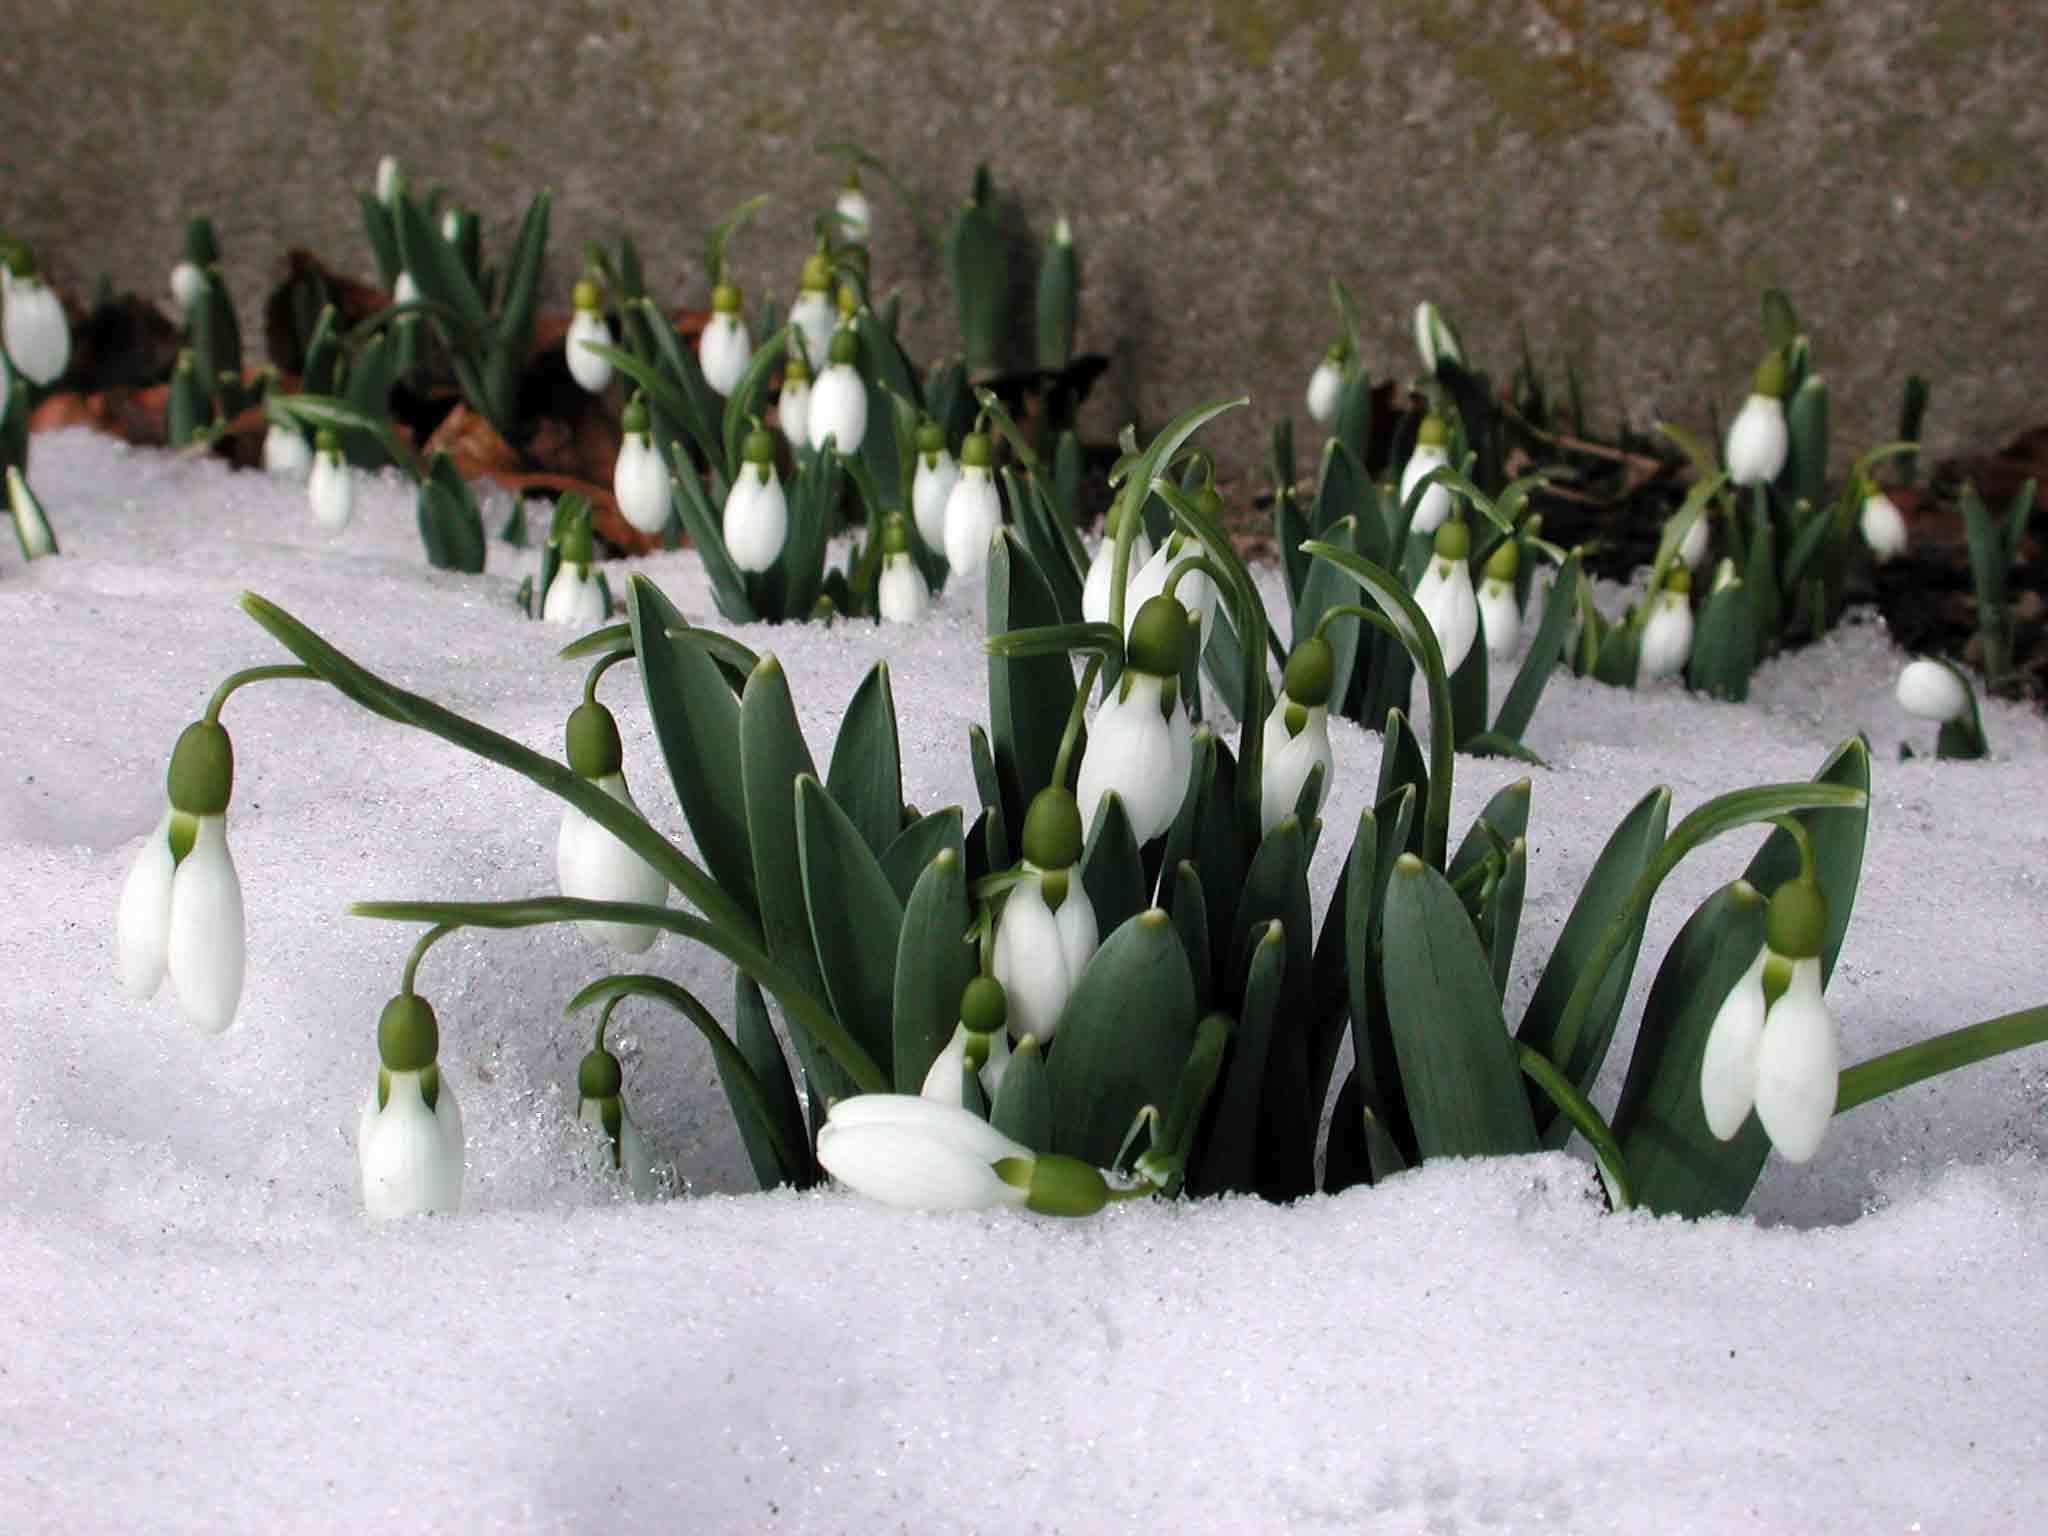 16156 Заставки и Обои Подснежники на телефон. Скачать Растения, Зима, Цветы, Подснежники картинки бесплатно